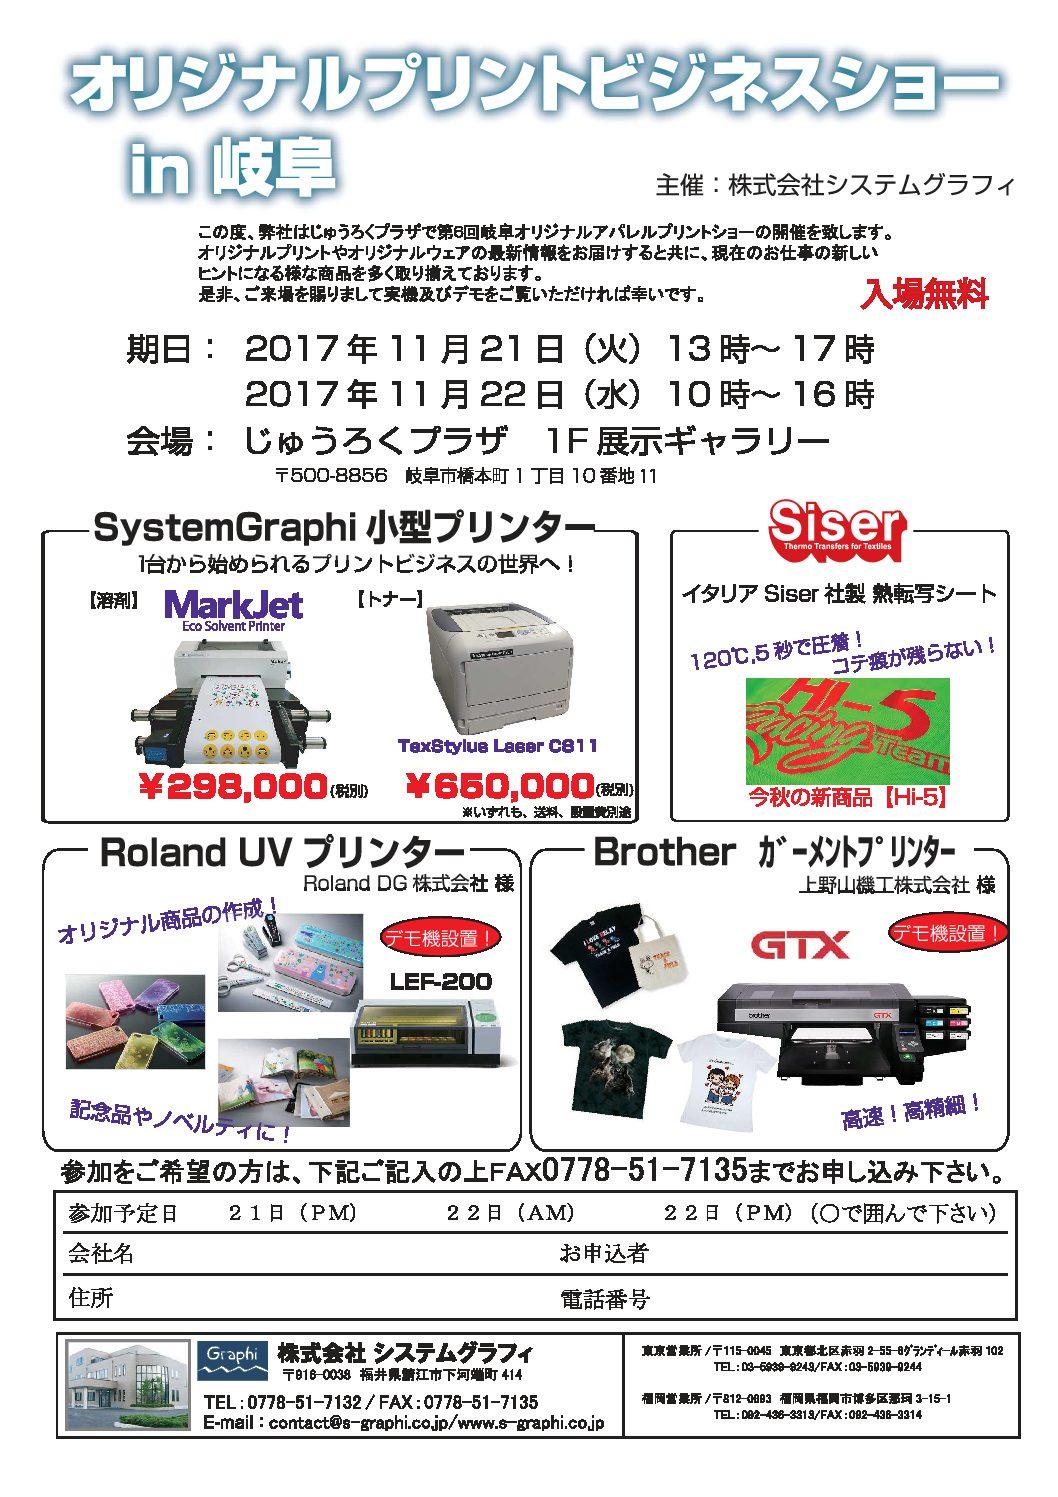 オリジナルプリントビジネスショー in 岐阜 に参加